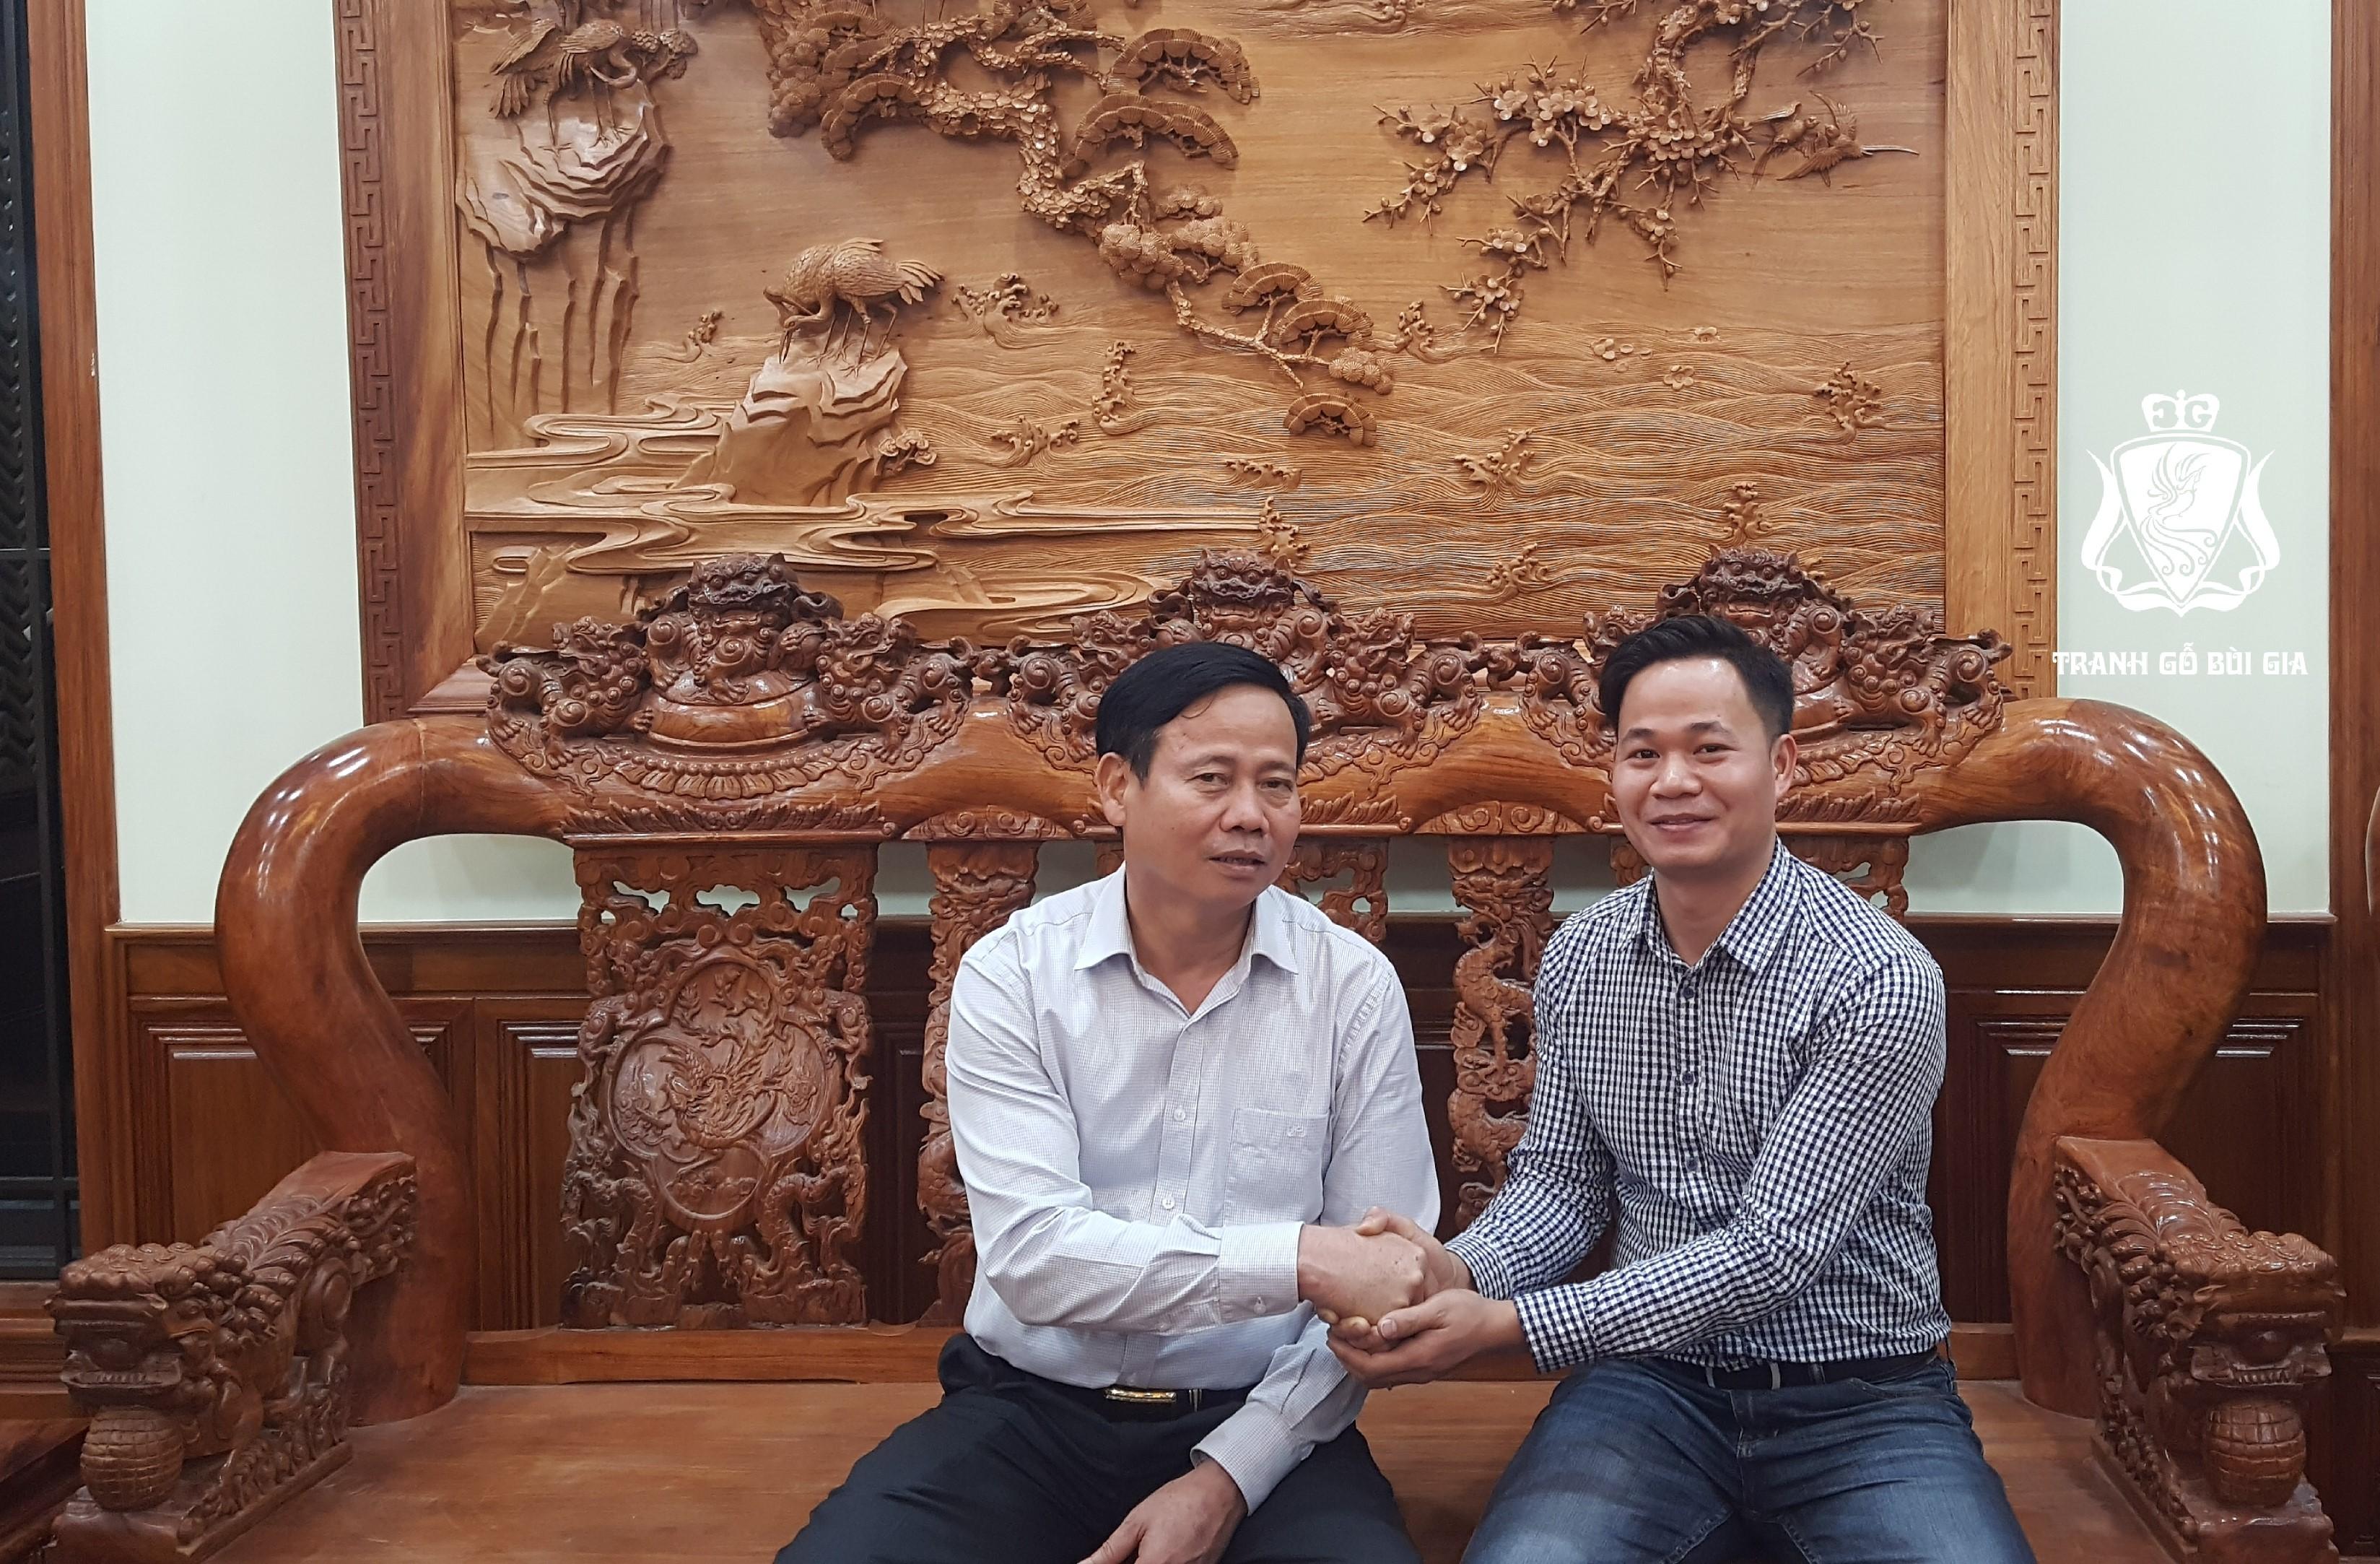 Thiếu Tướng Nguyễn Văn Tưởng - Phó Tư lệnh Quân Khu 3